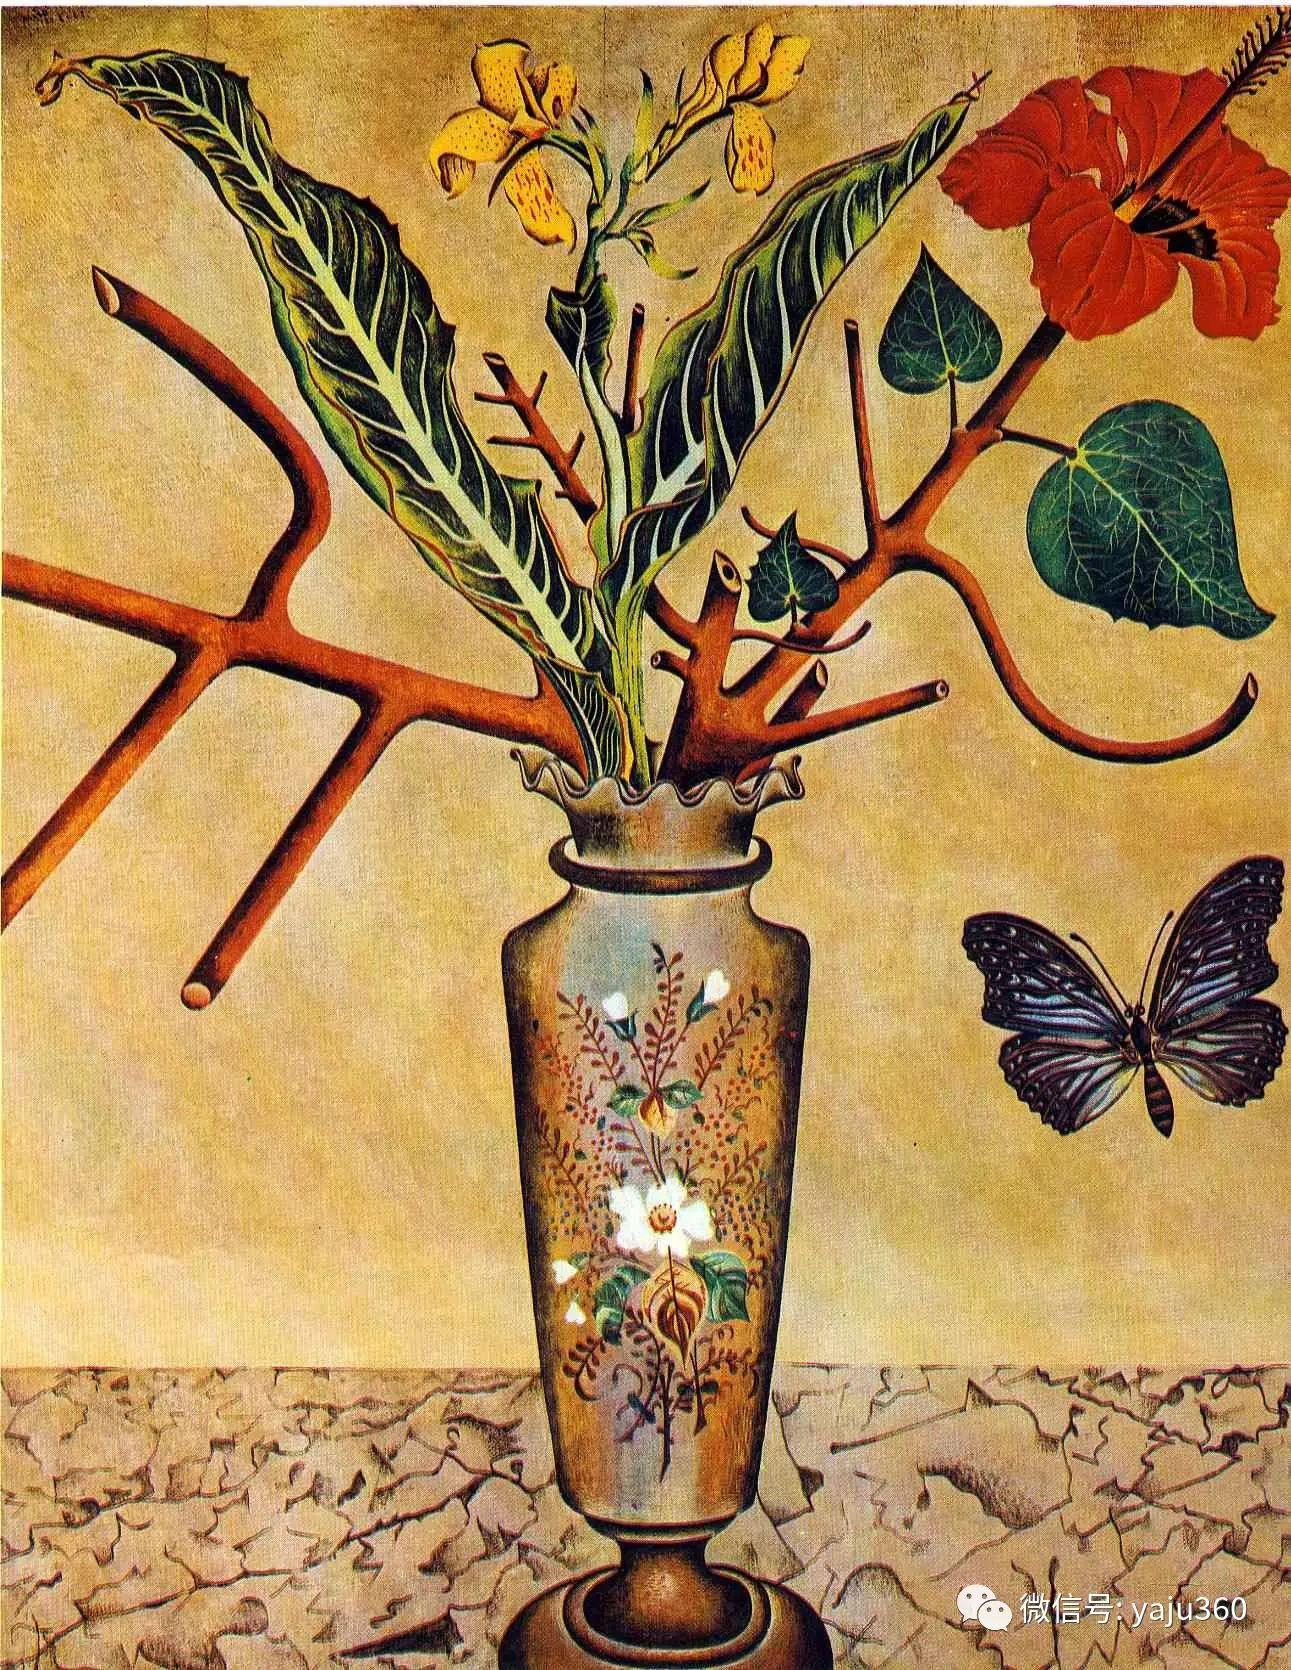 西班牙胡安·米罗(Joan Miró)油画作品插图119